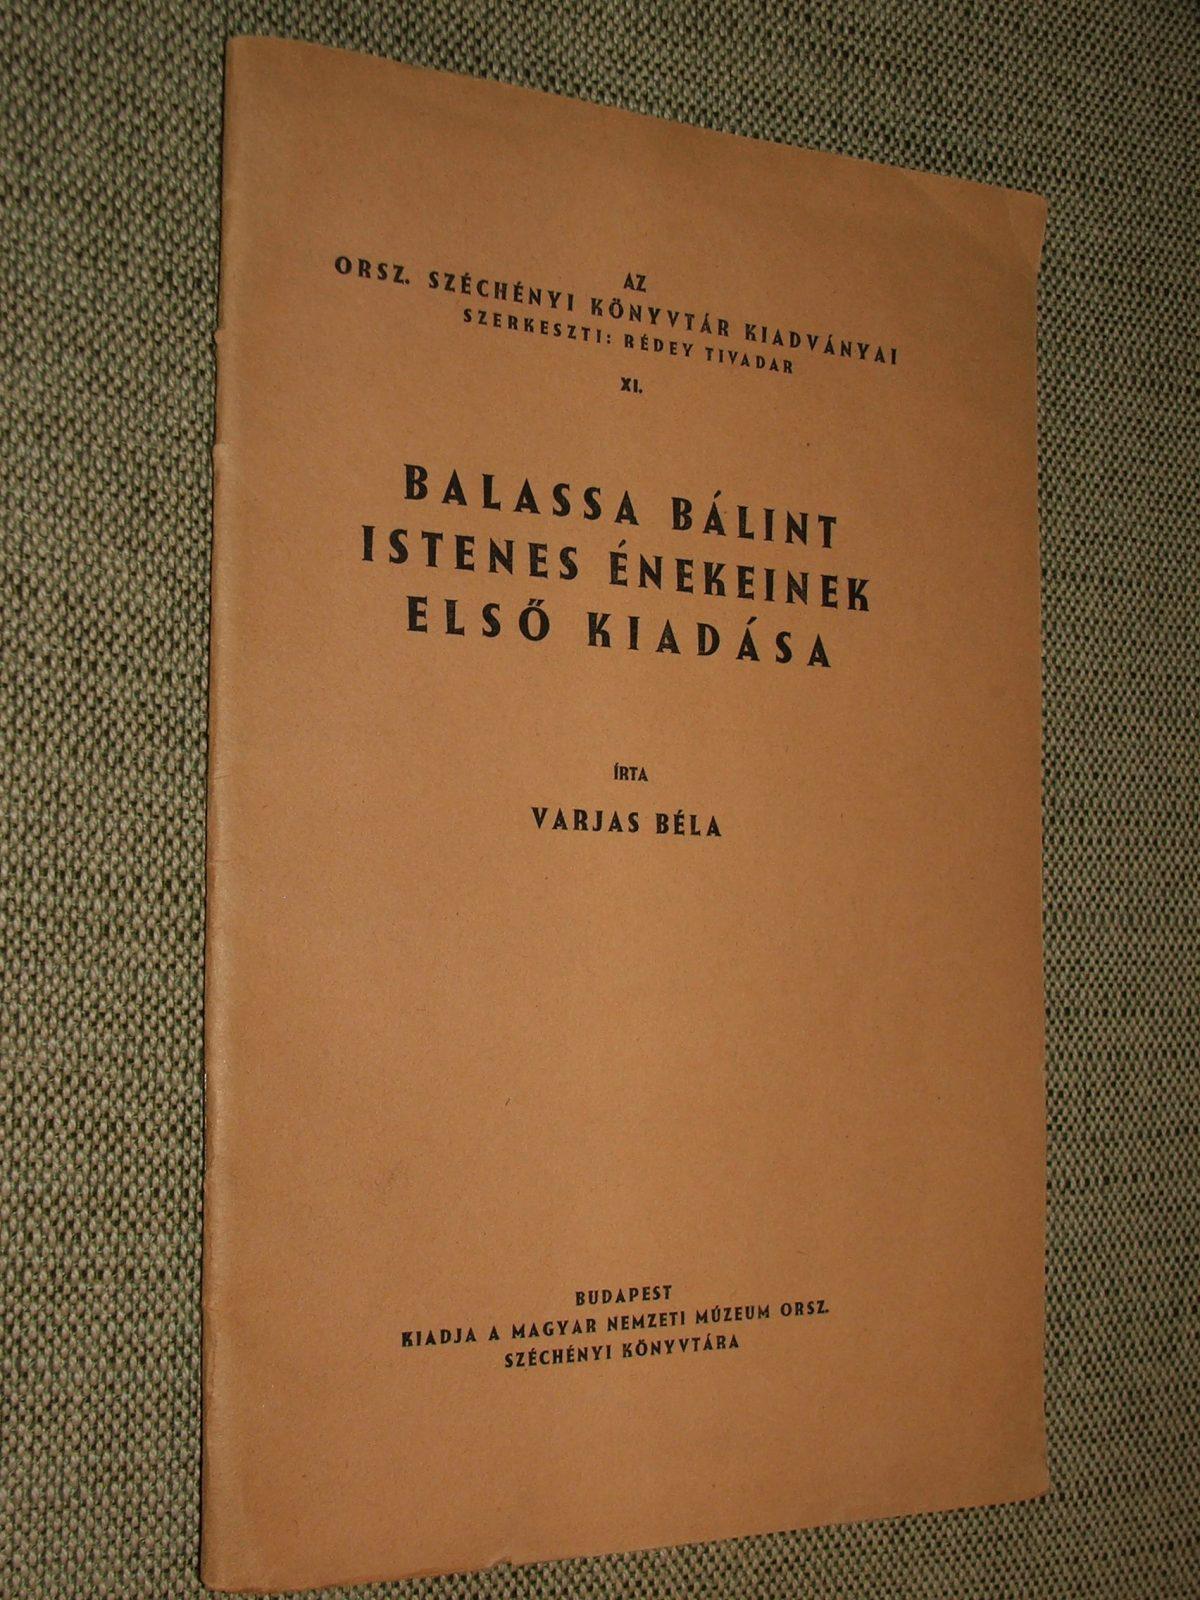 VARJAS Béla: Balassa Bálint istenes énekeinek első kiadása